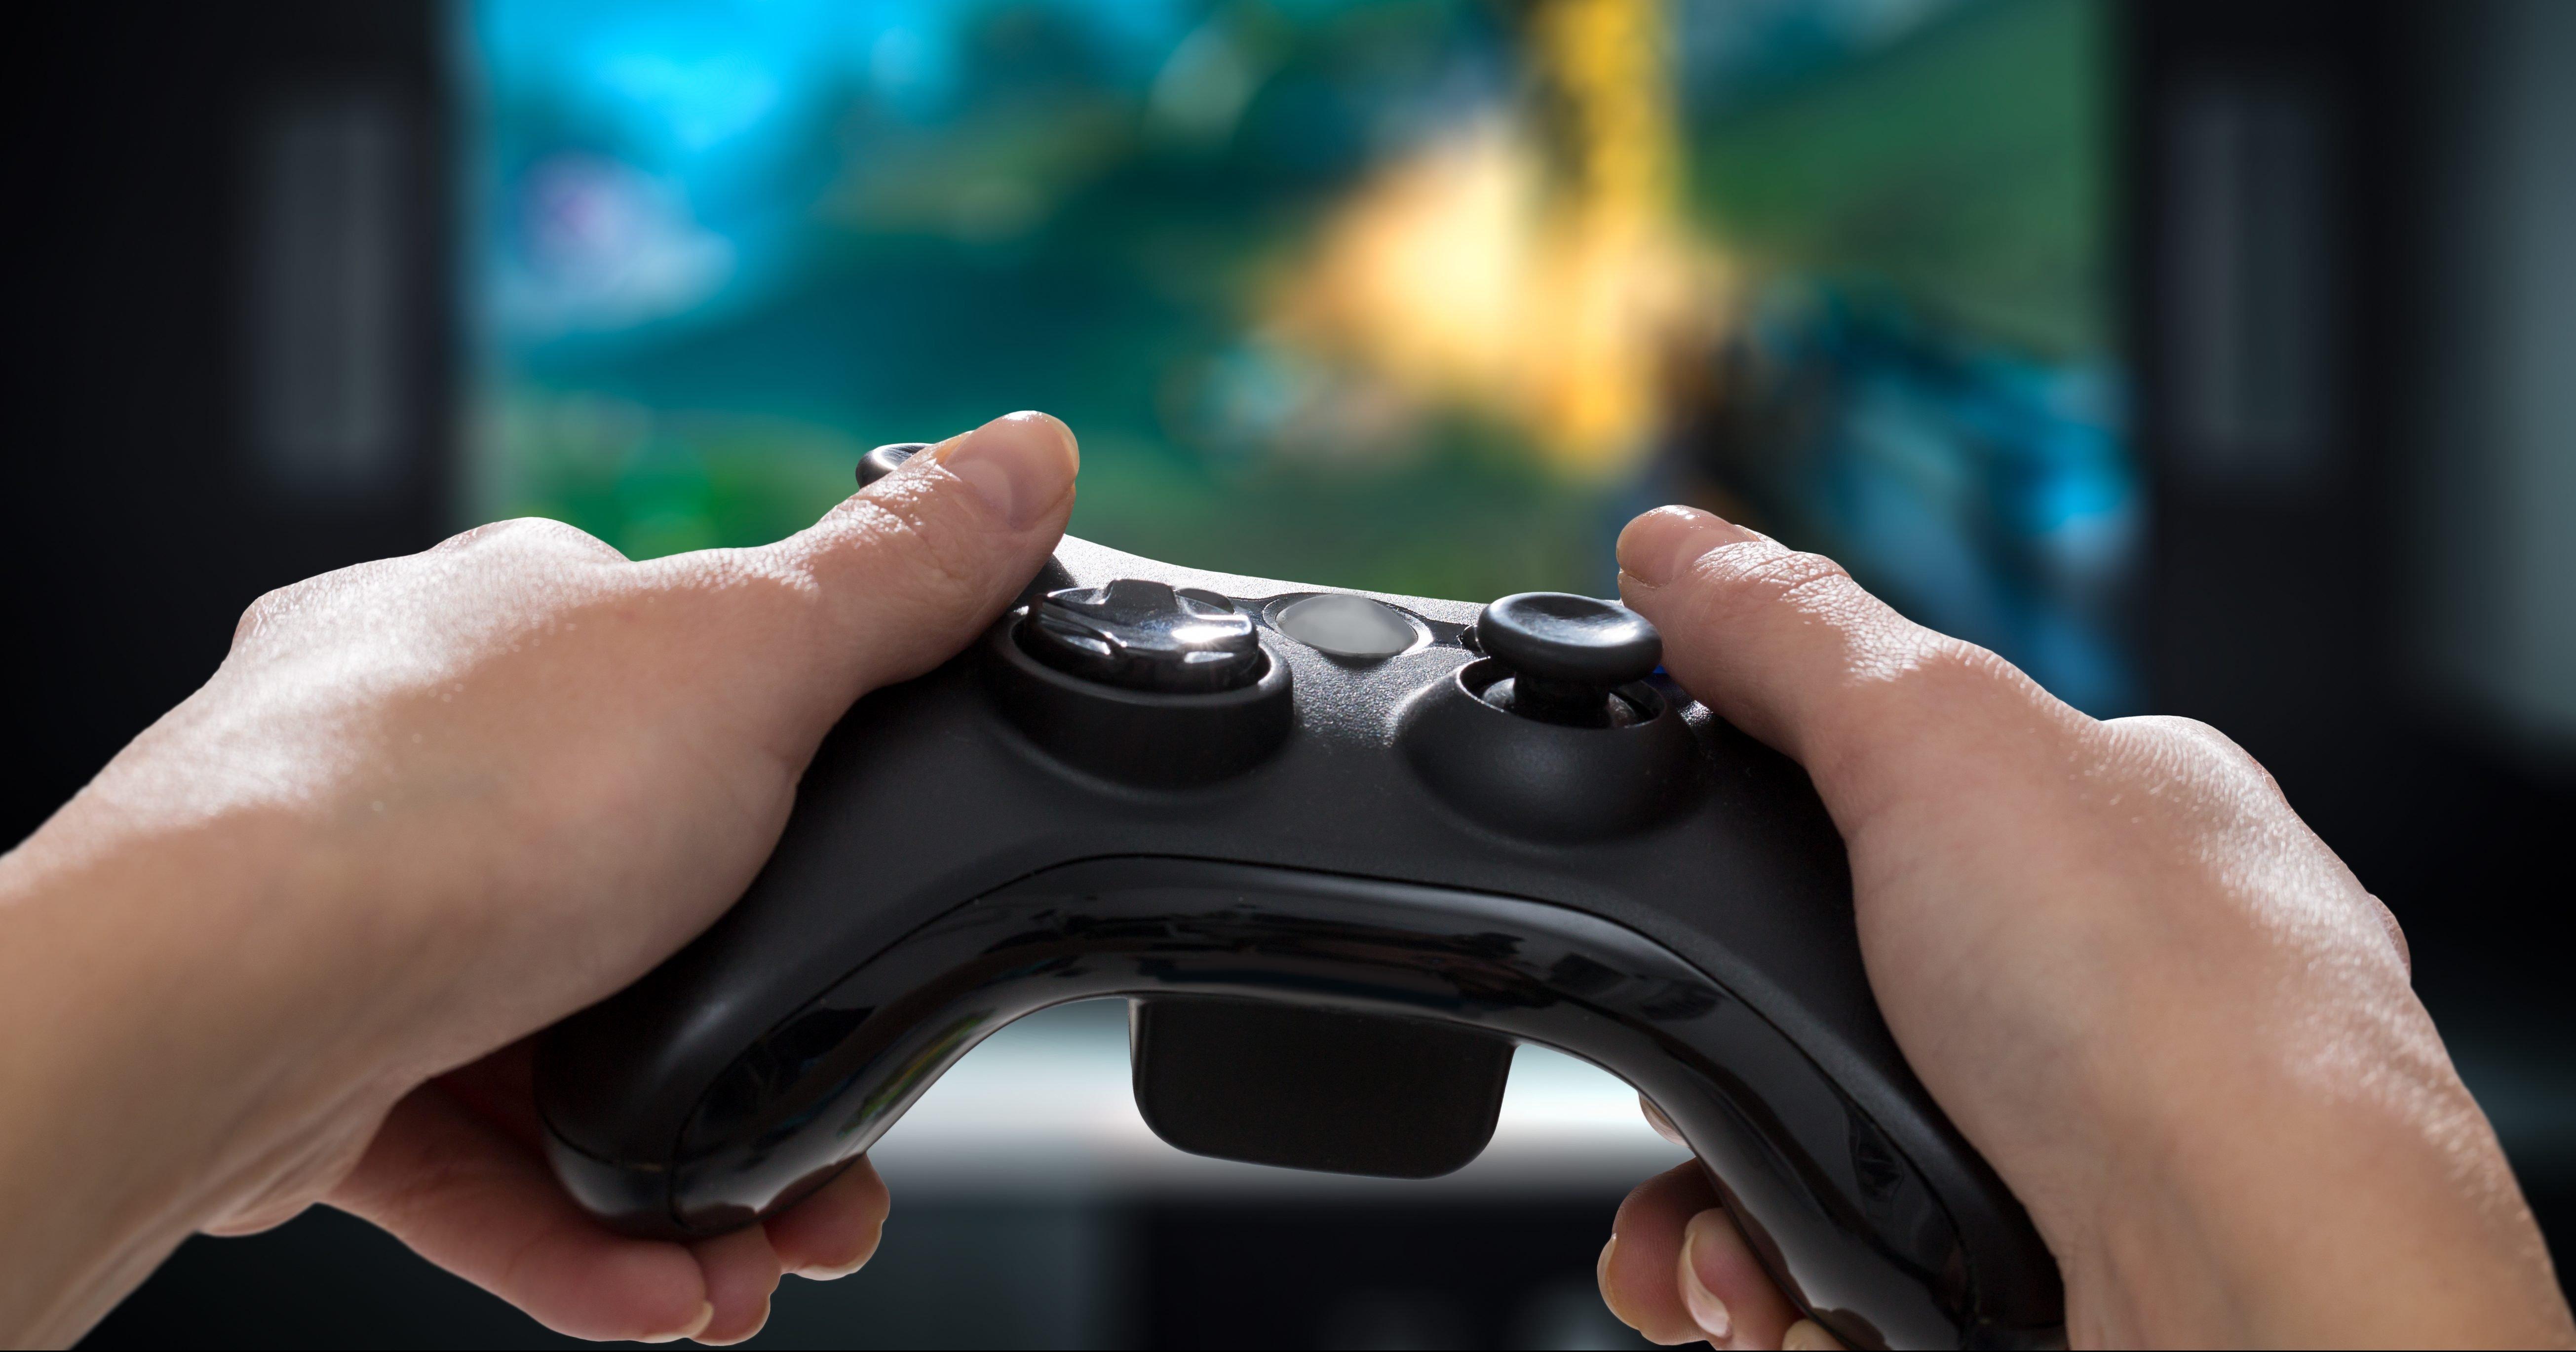 Вчені заявили, що відеоігри позитивно впливають на психологічне здоров'я людей